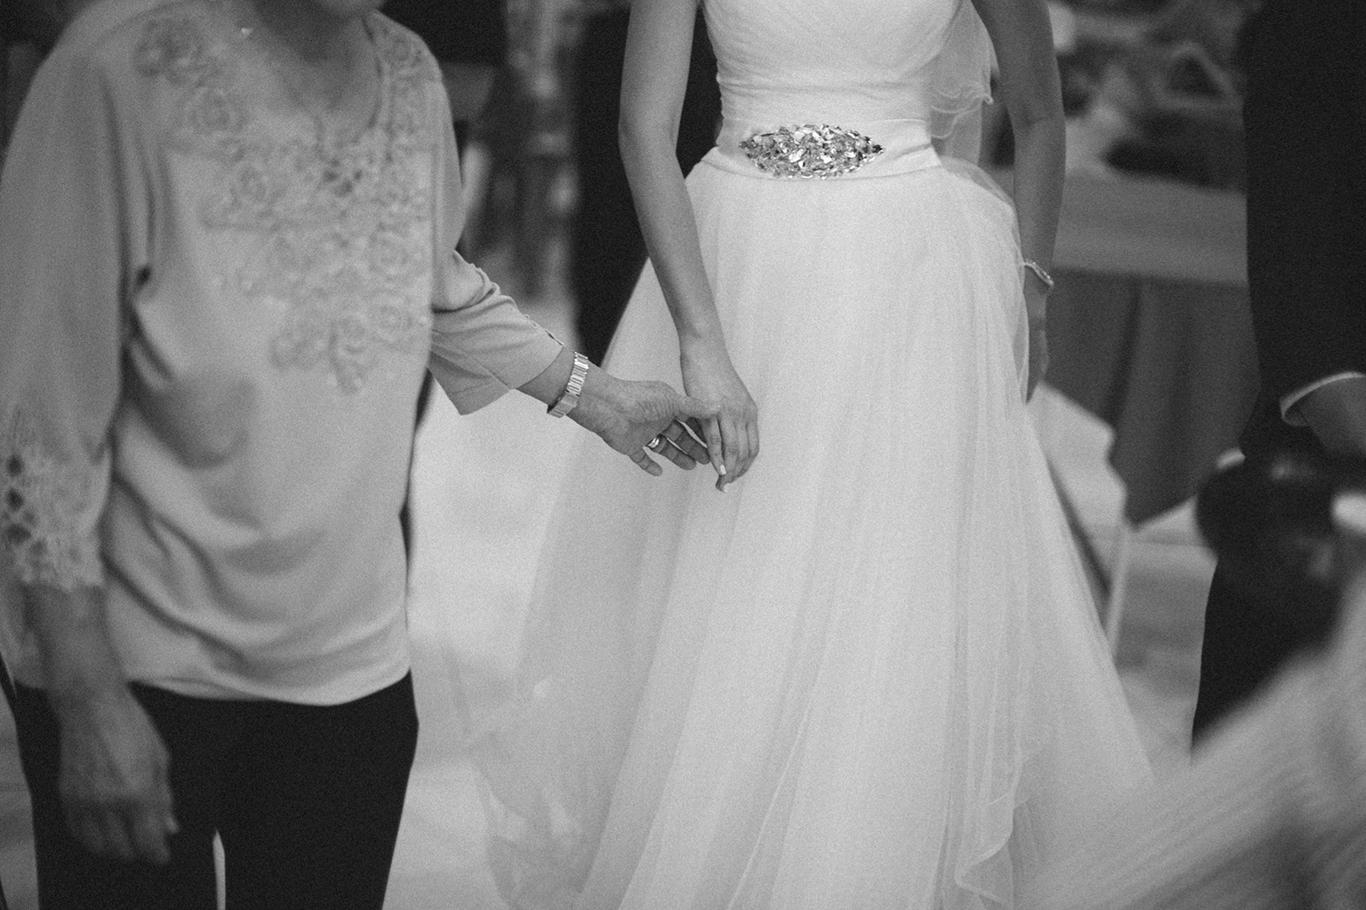 124-hellojanelee-amazing-wedding-2015-malaysia